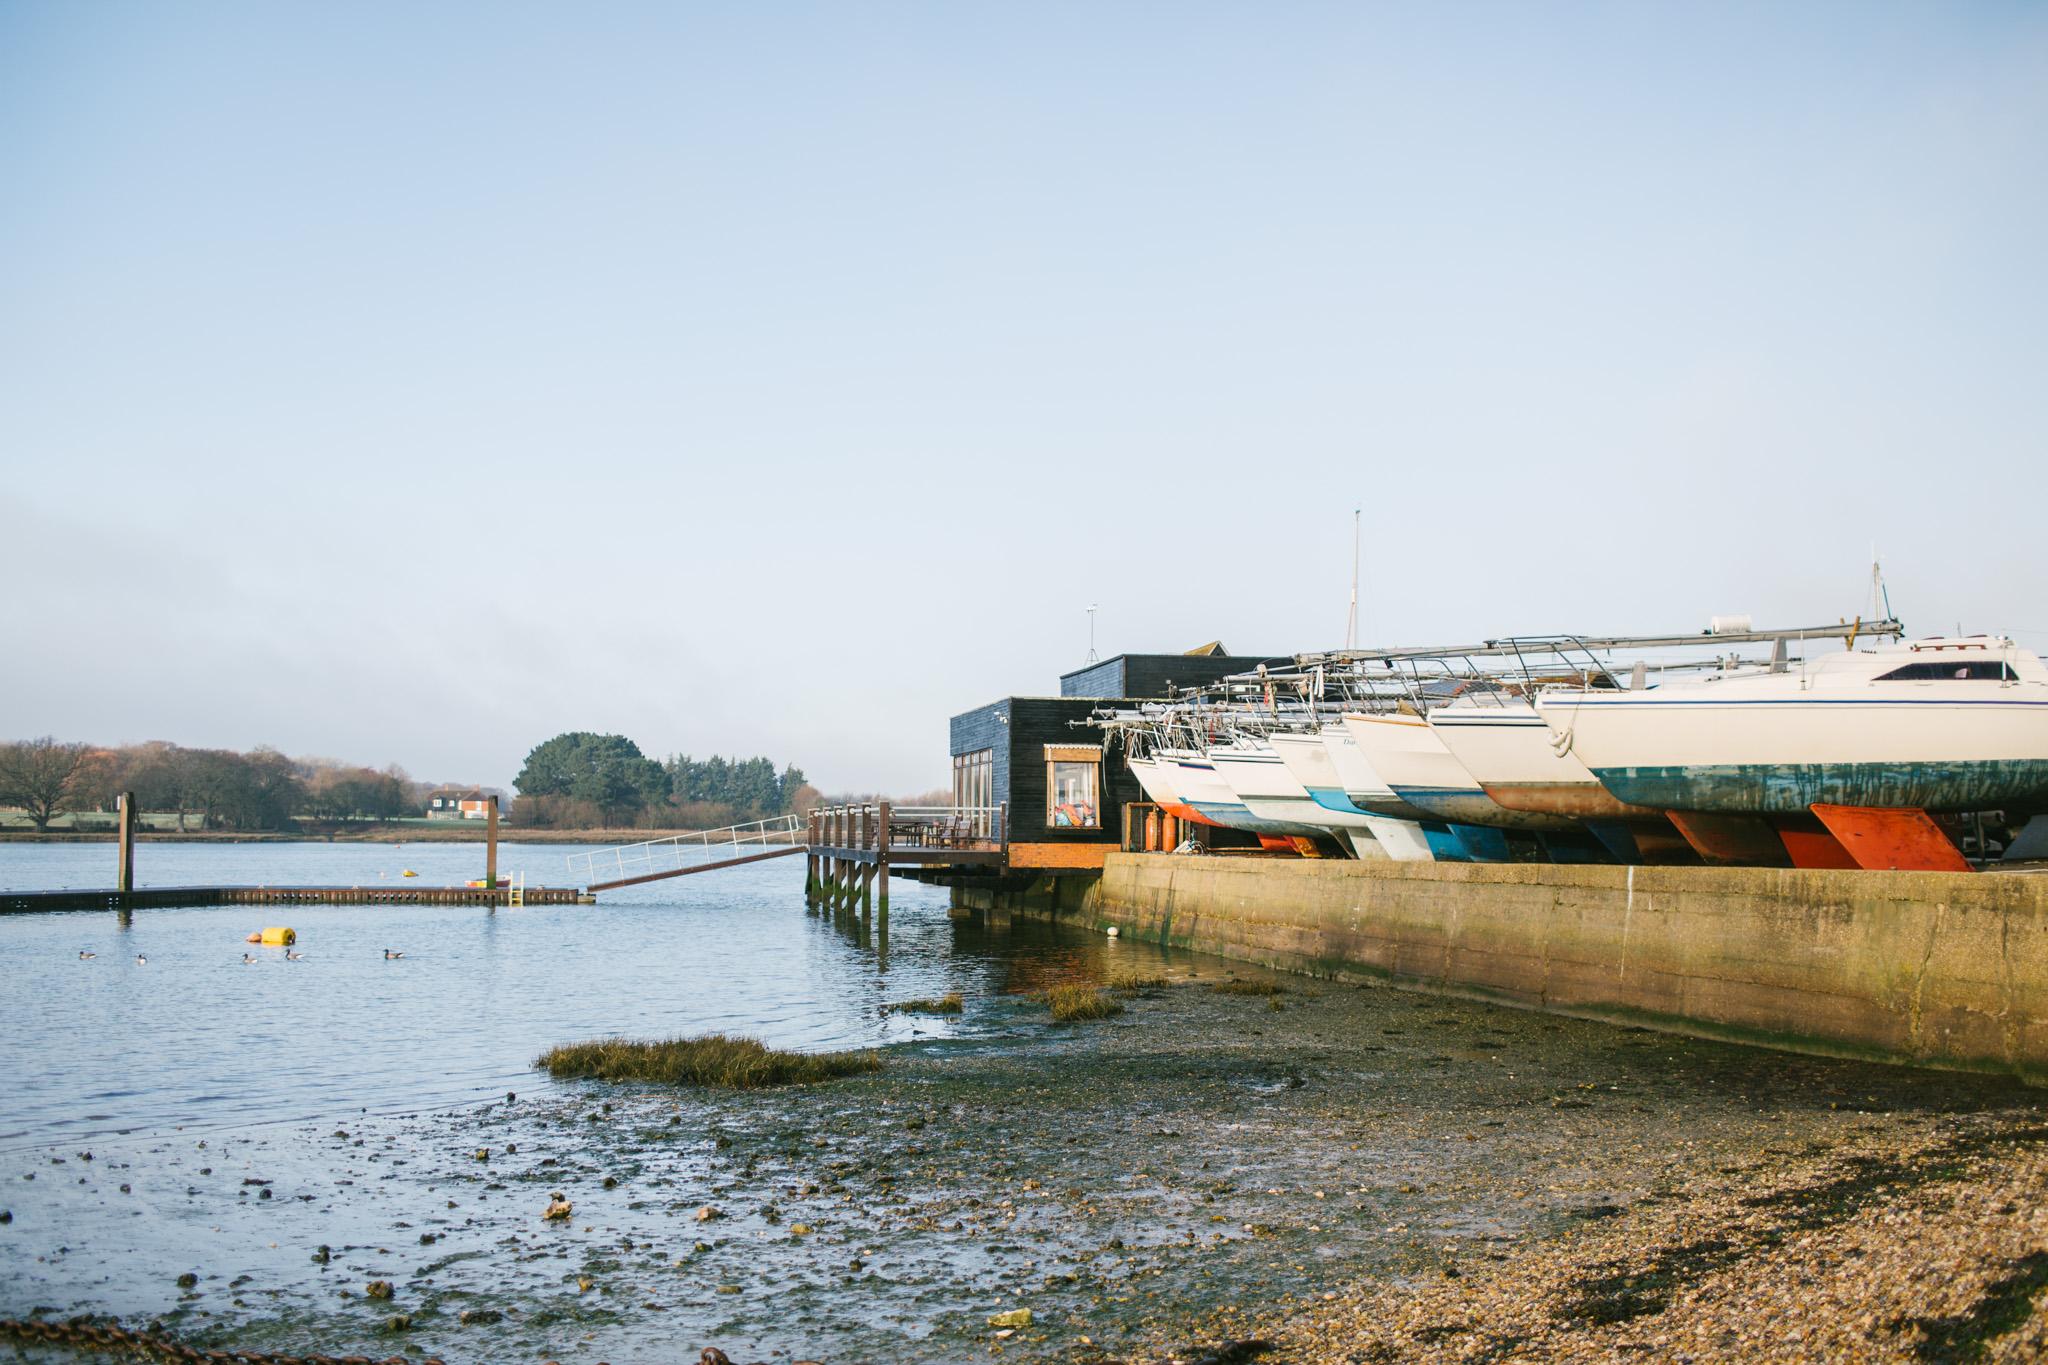 Apuldram Fishing and Boat Club